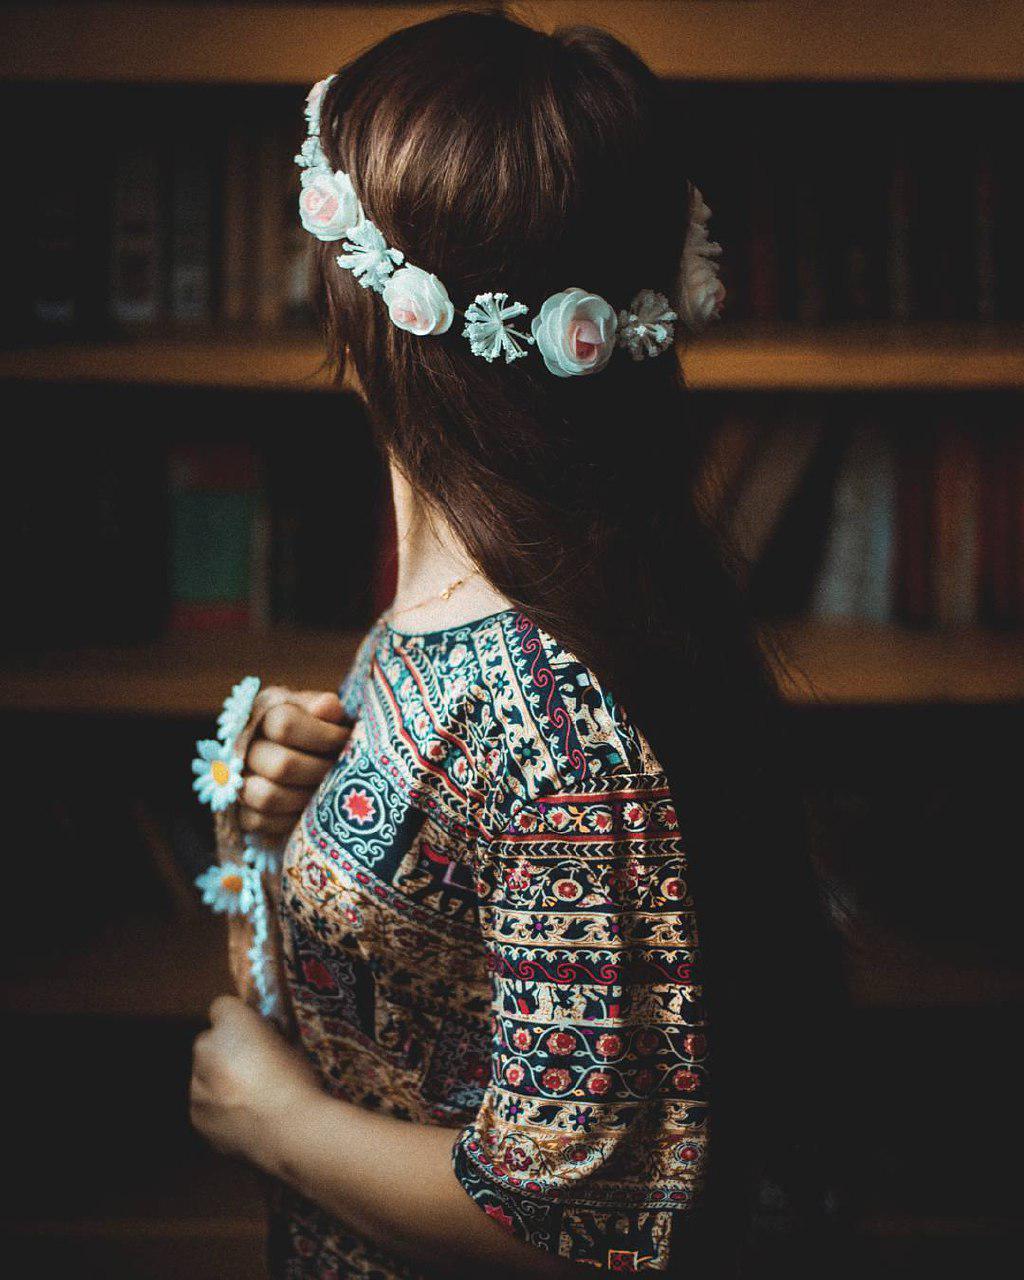 عکس زیبا از دختر